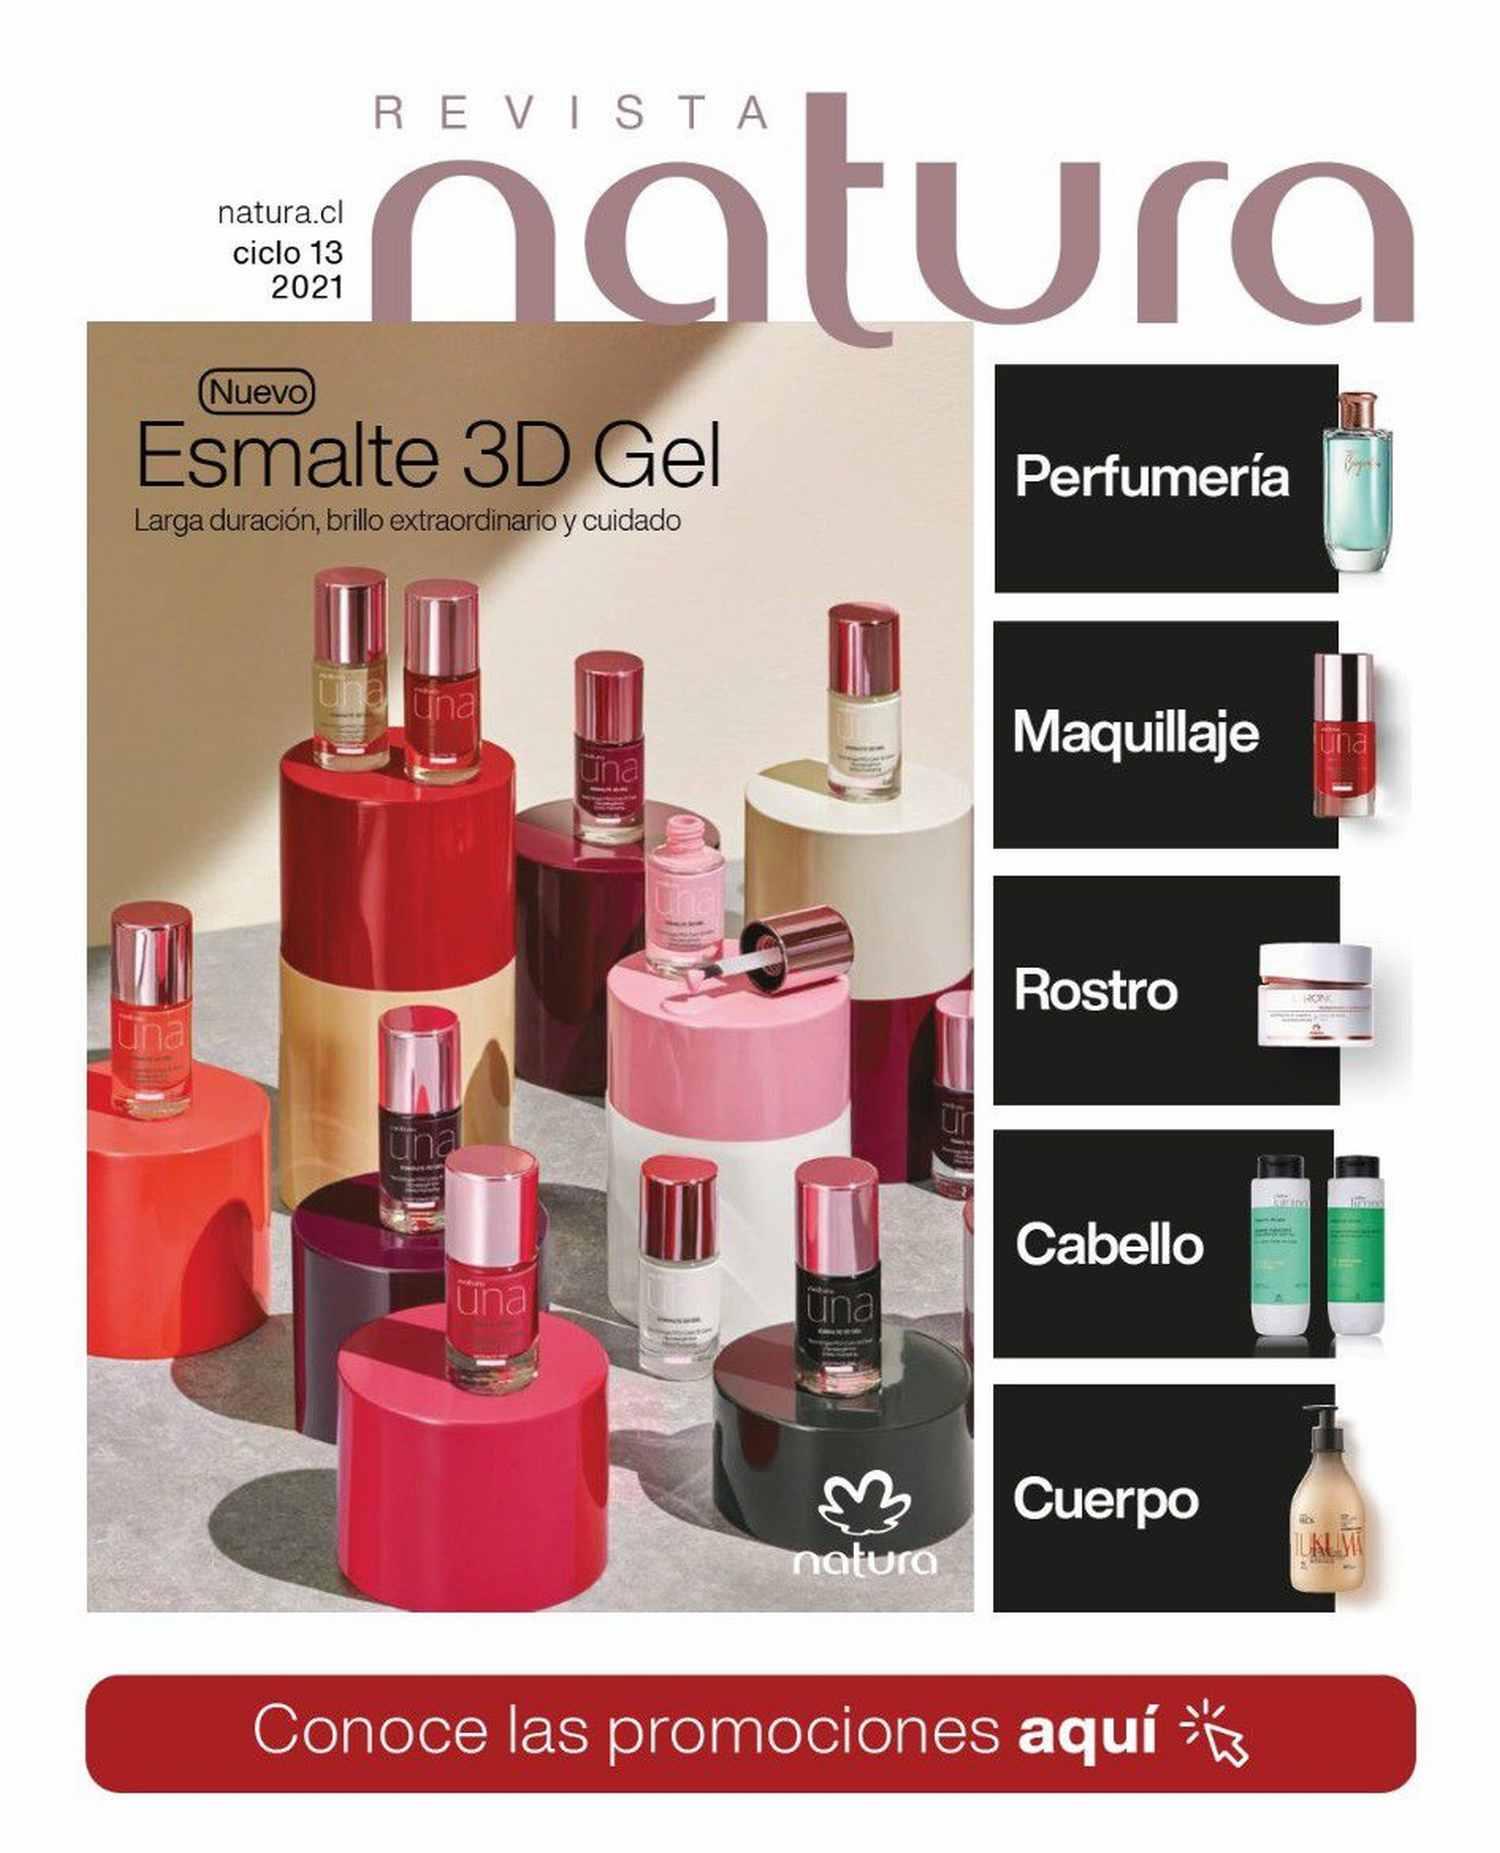 Catalogo Natura Ciclo 13 2021 Chile